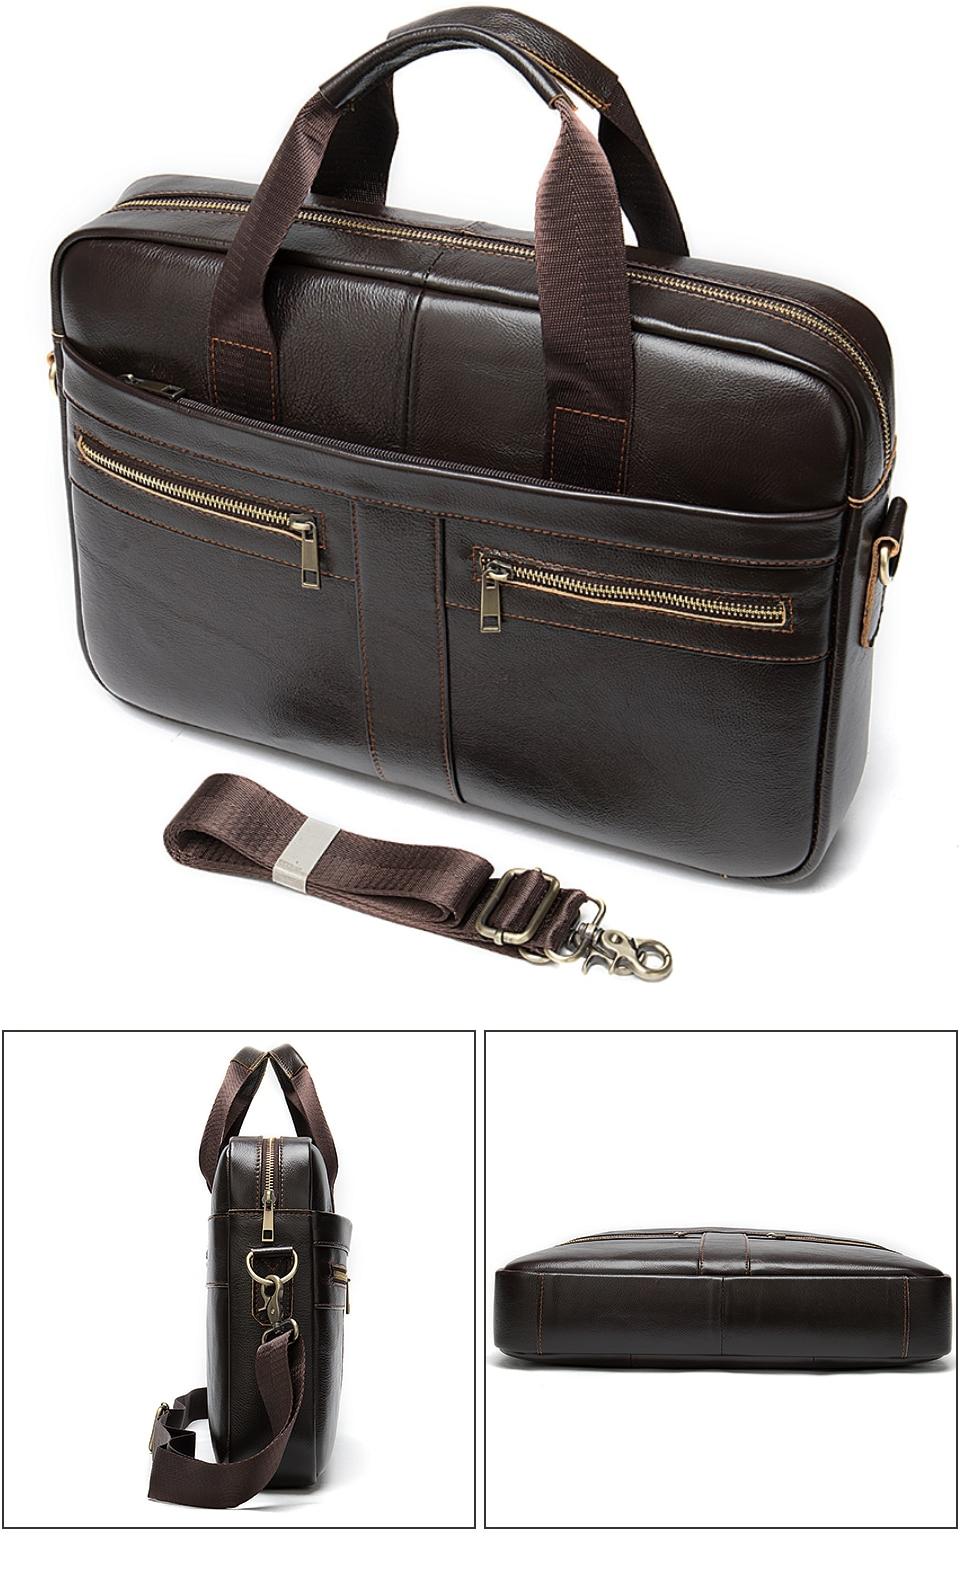 Best leather attaché case for men 2020.